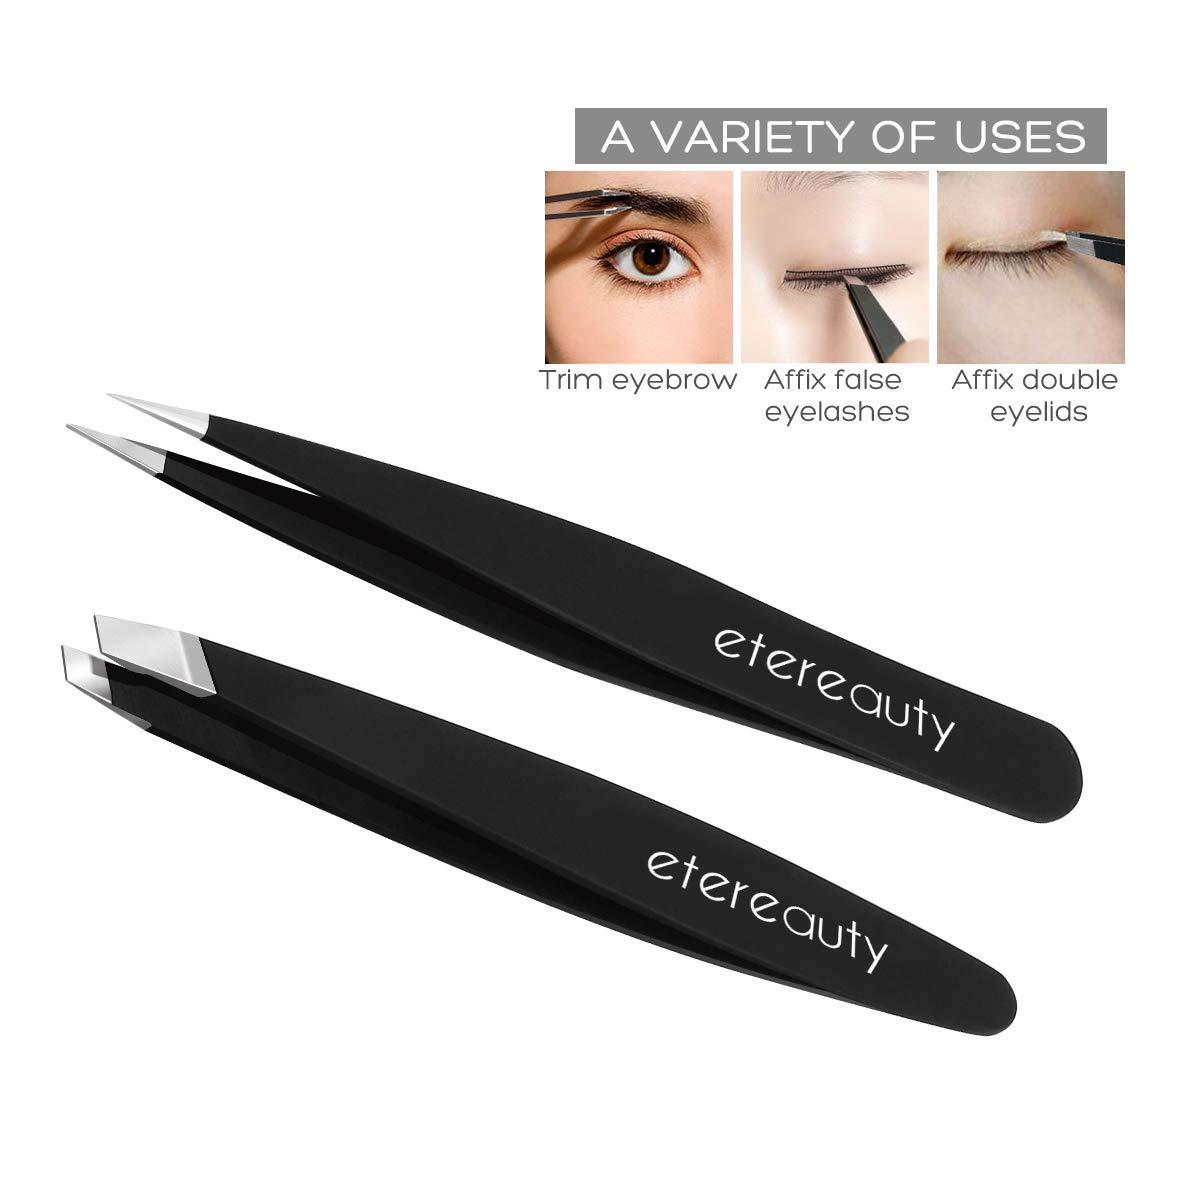 Tweezers Set 2 Pcs,Professional Pointed Eyebrows for Ingrown Hair